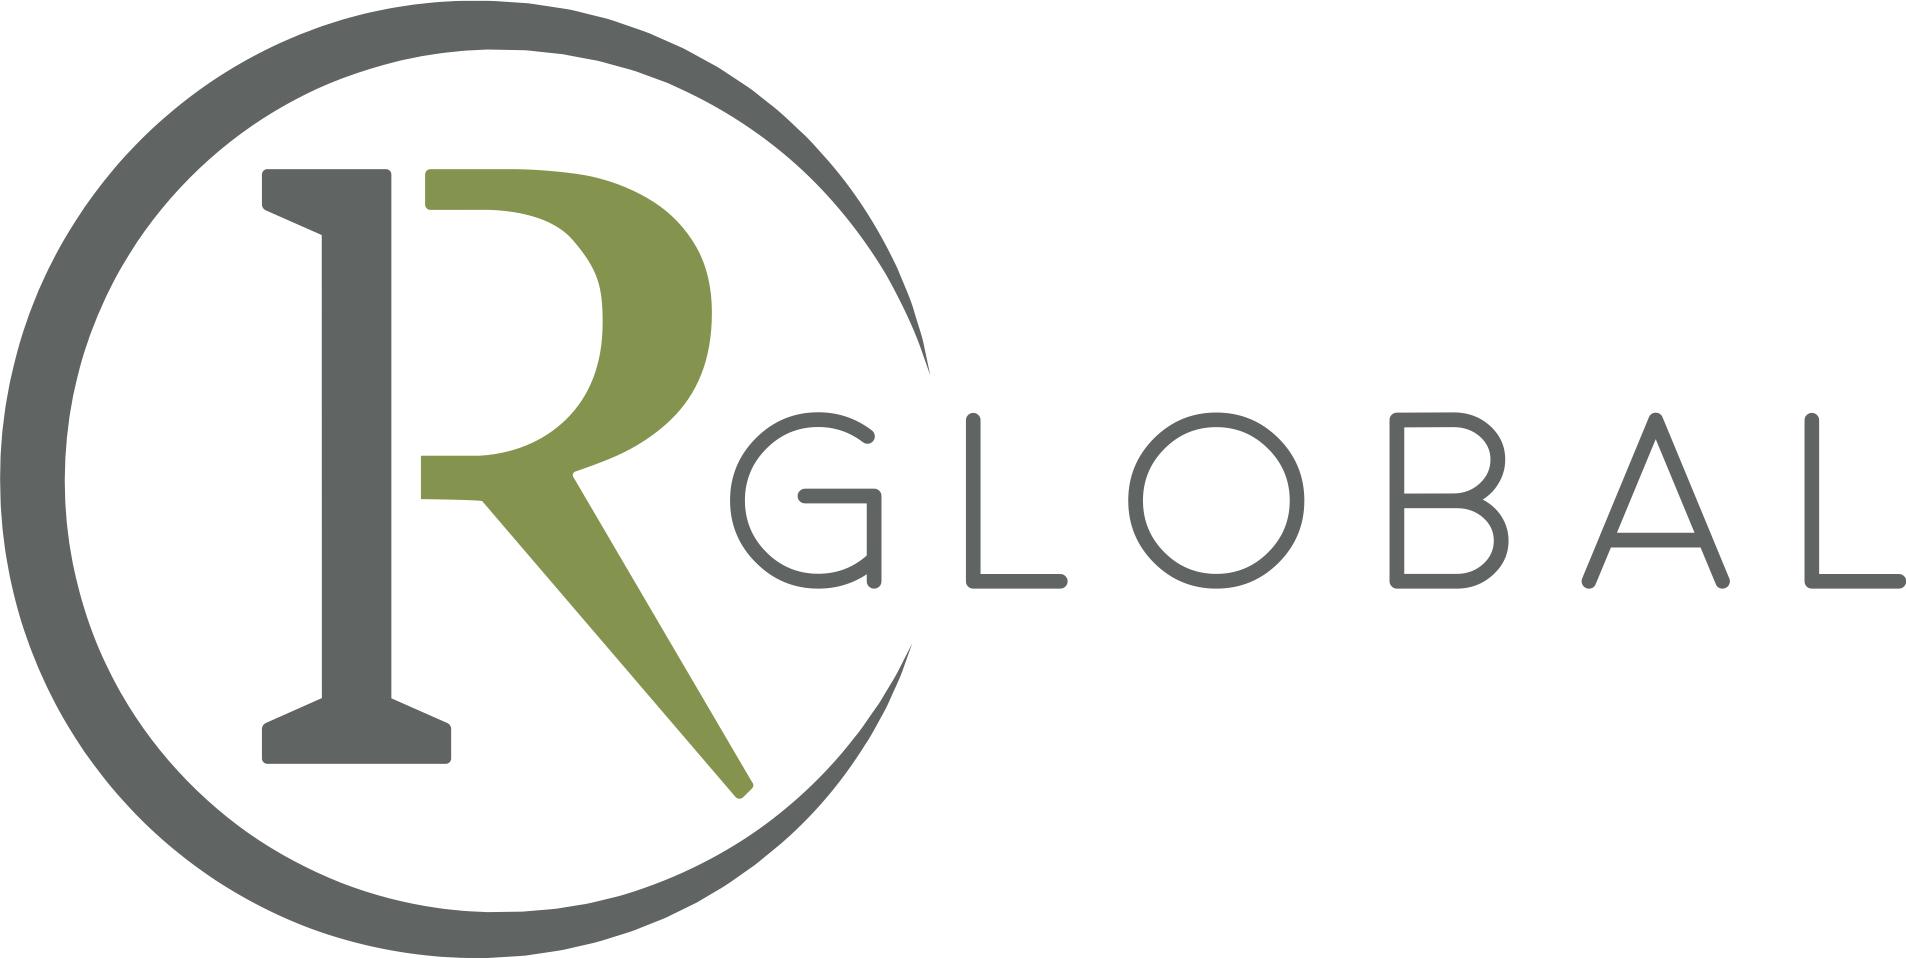 TAUTSCHNIG Wird Mitglied Von IR Global